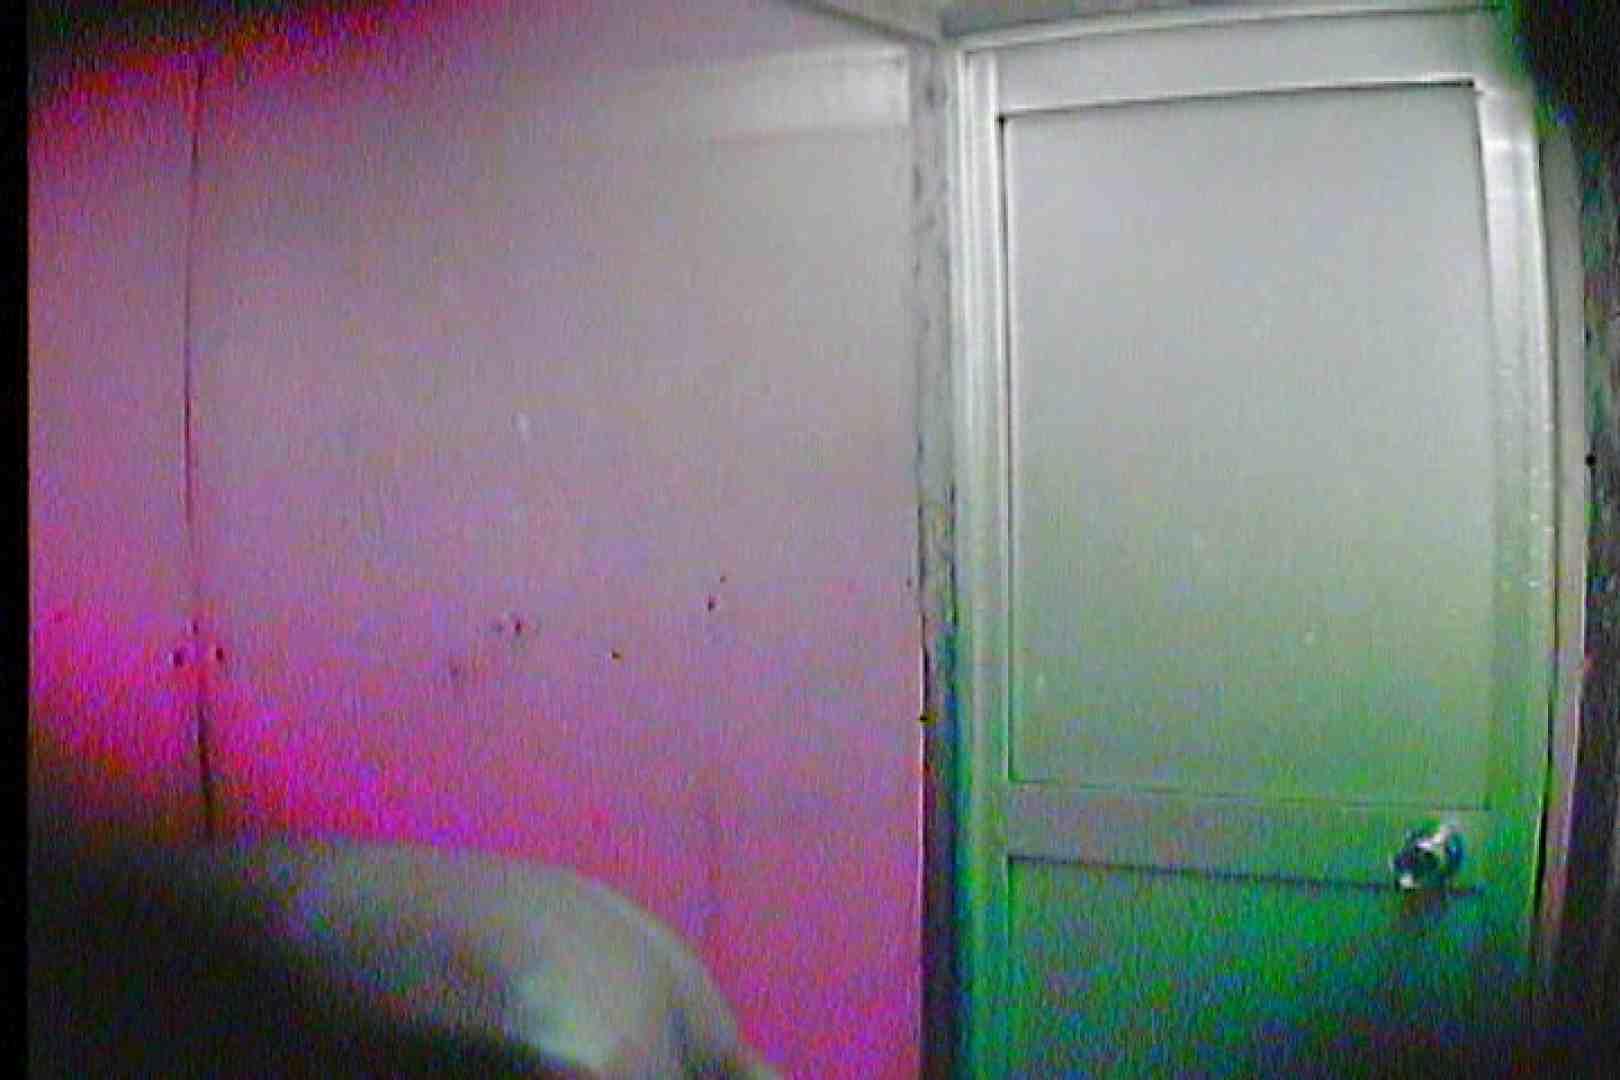 海の家の更衣室 Vol.46 美女 盗み撮り動画キャプチャ 99pic 56